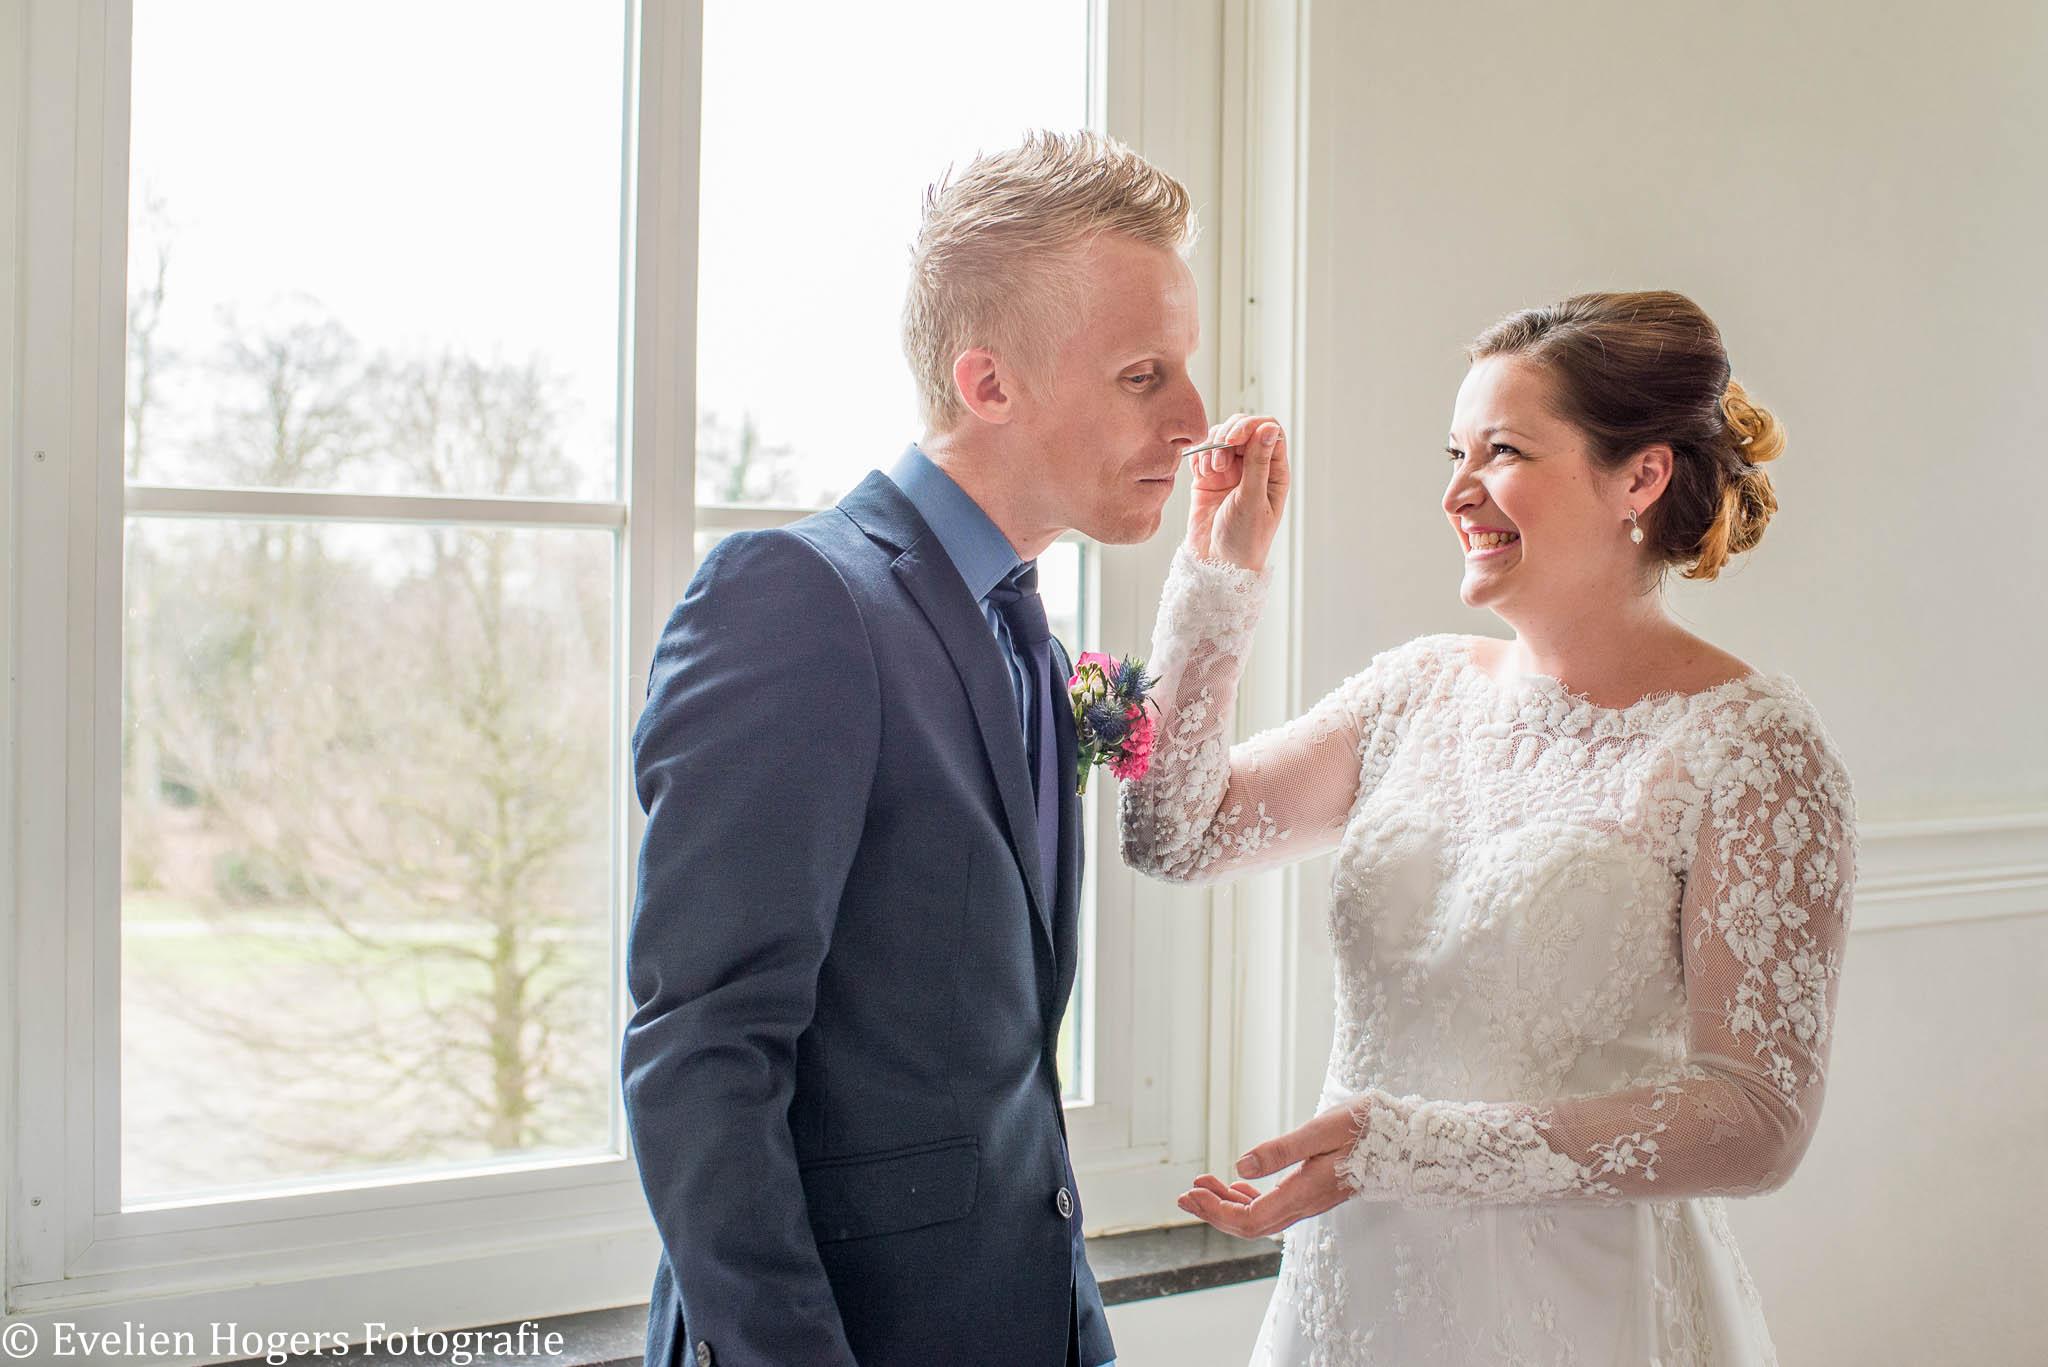 Estate_wedding_Metwatermerk-44.jpg